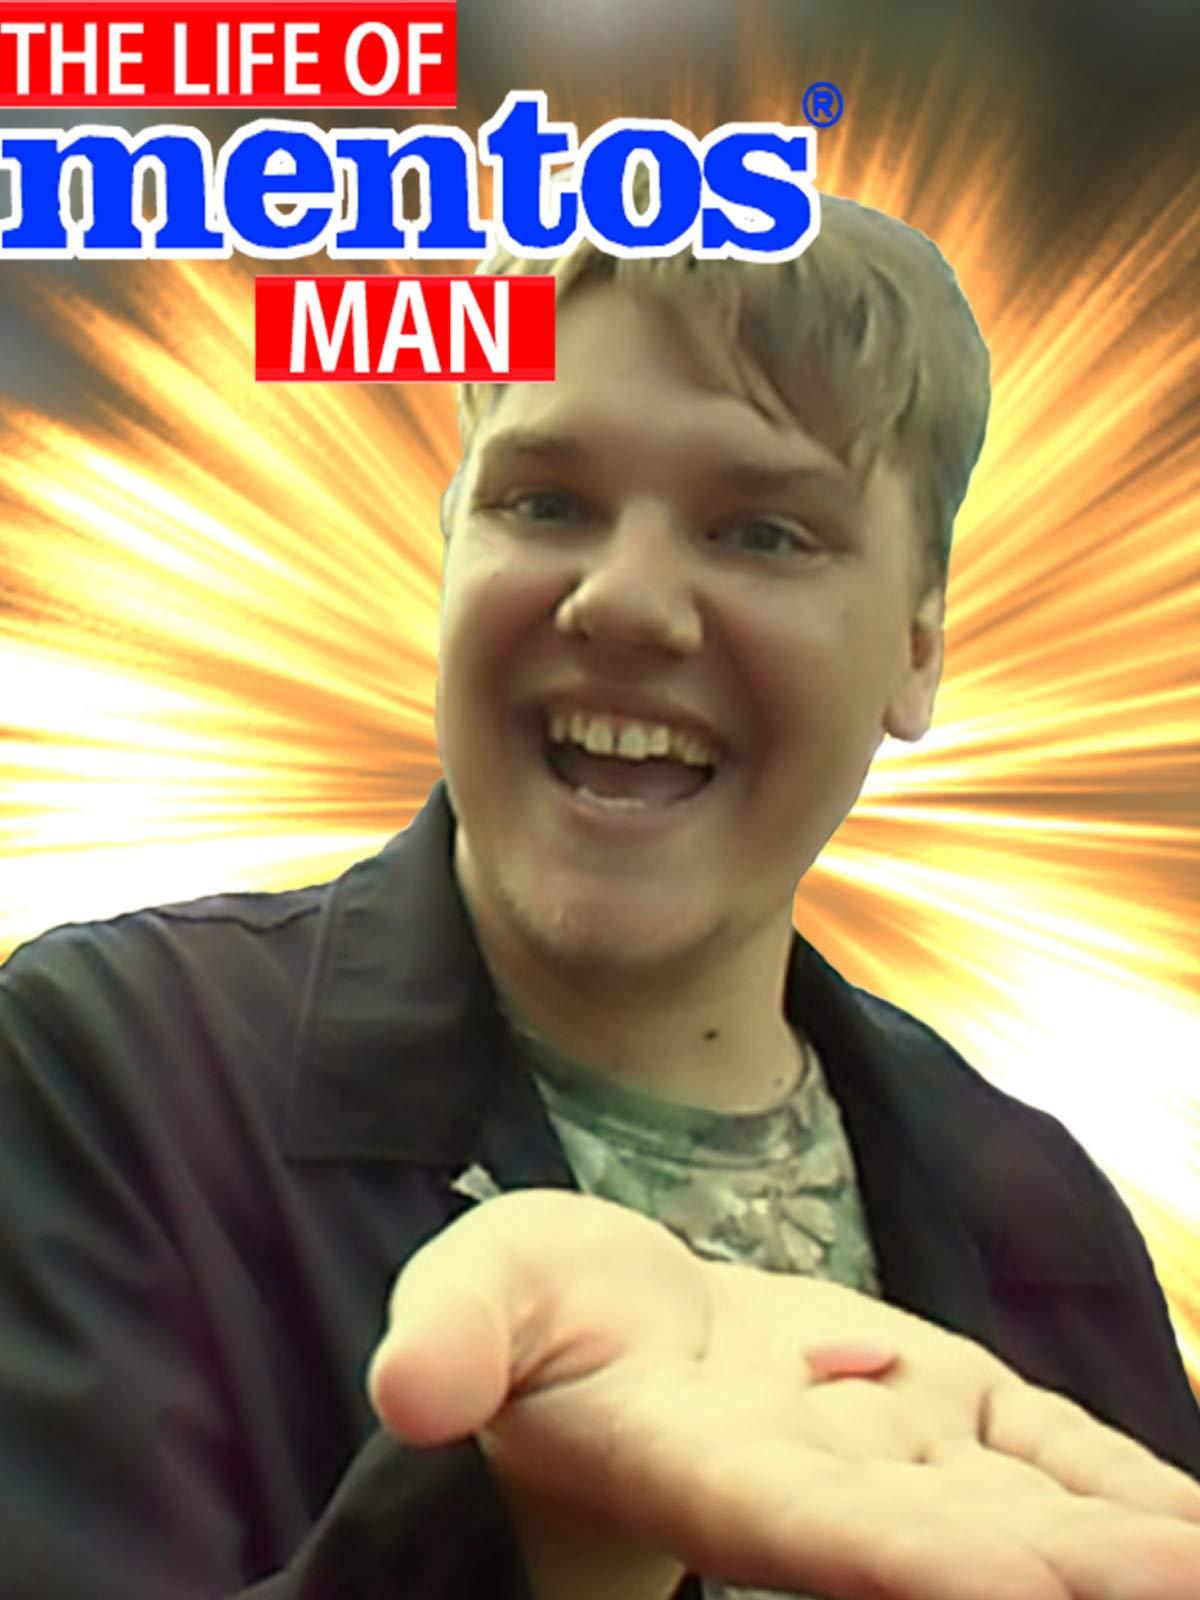 The Life of Mentos Man